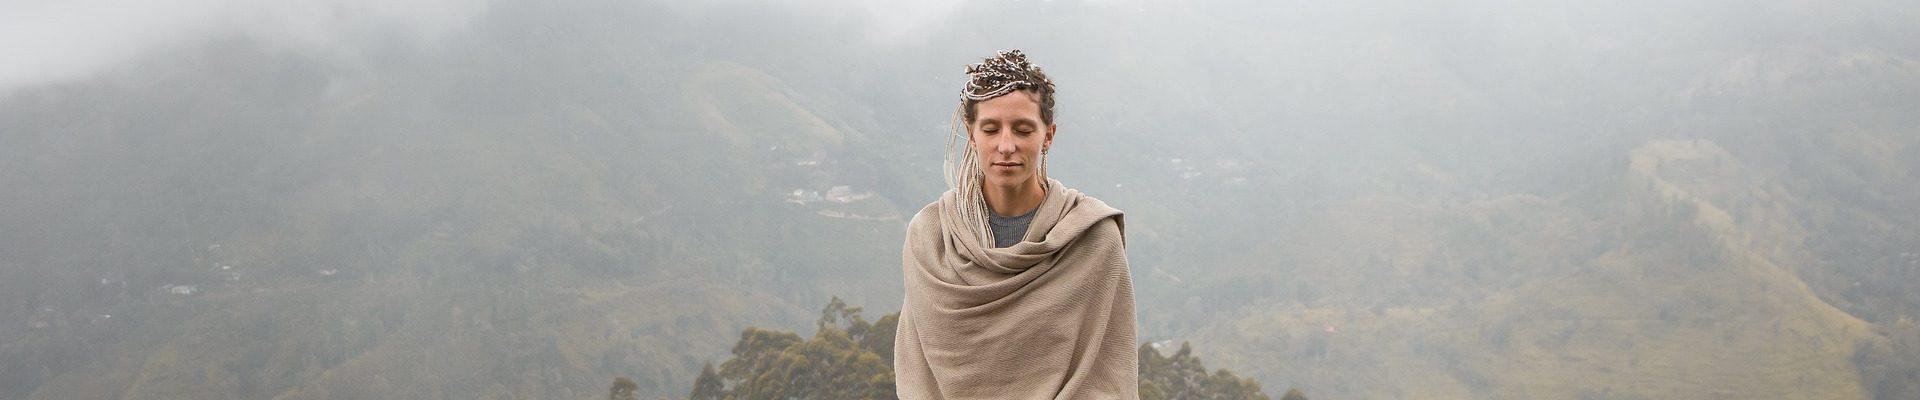 山の上で瞑想するひと